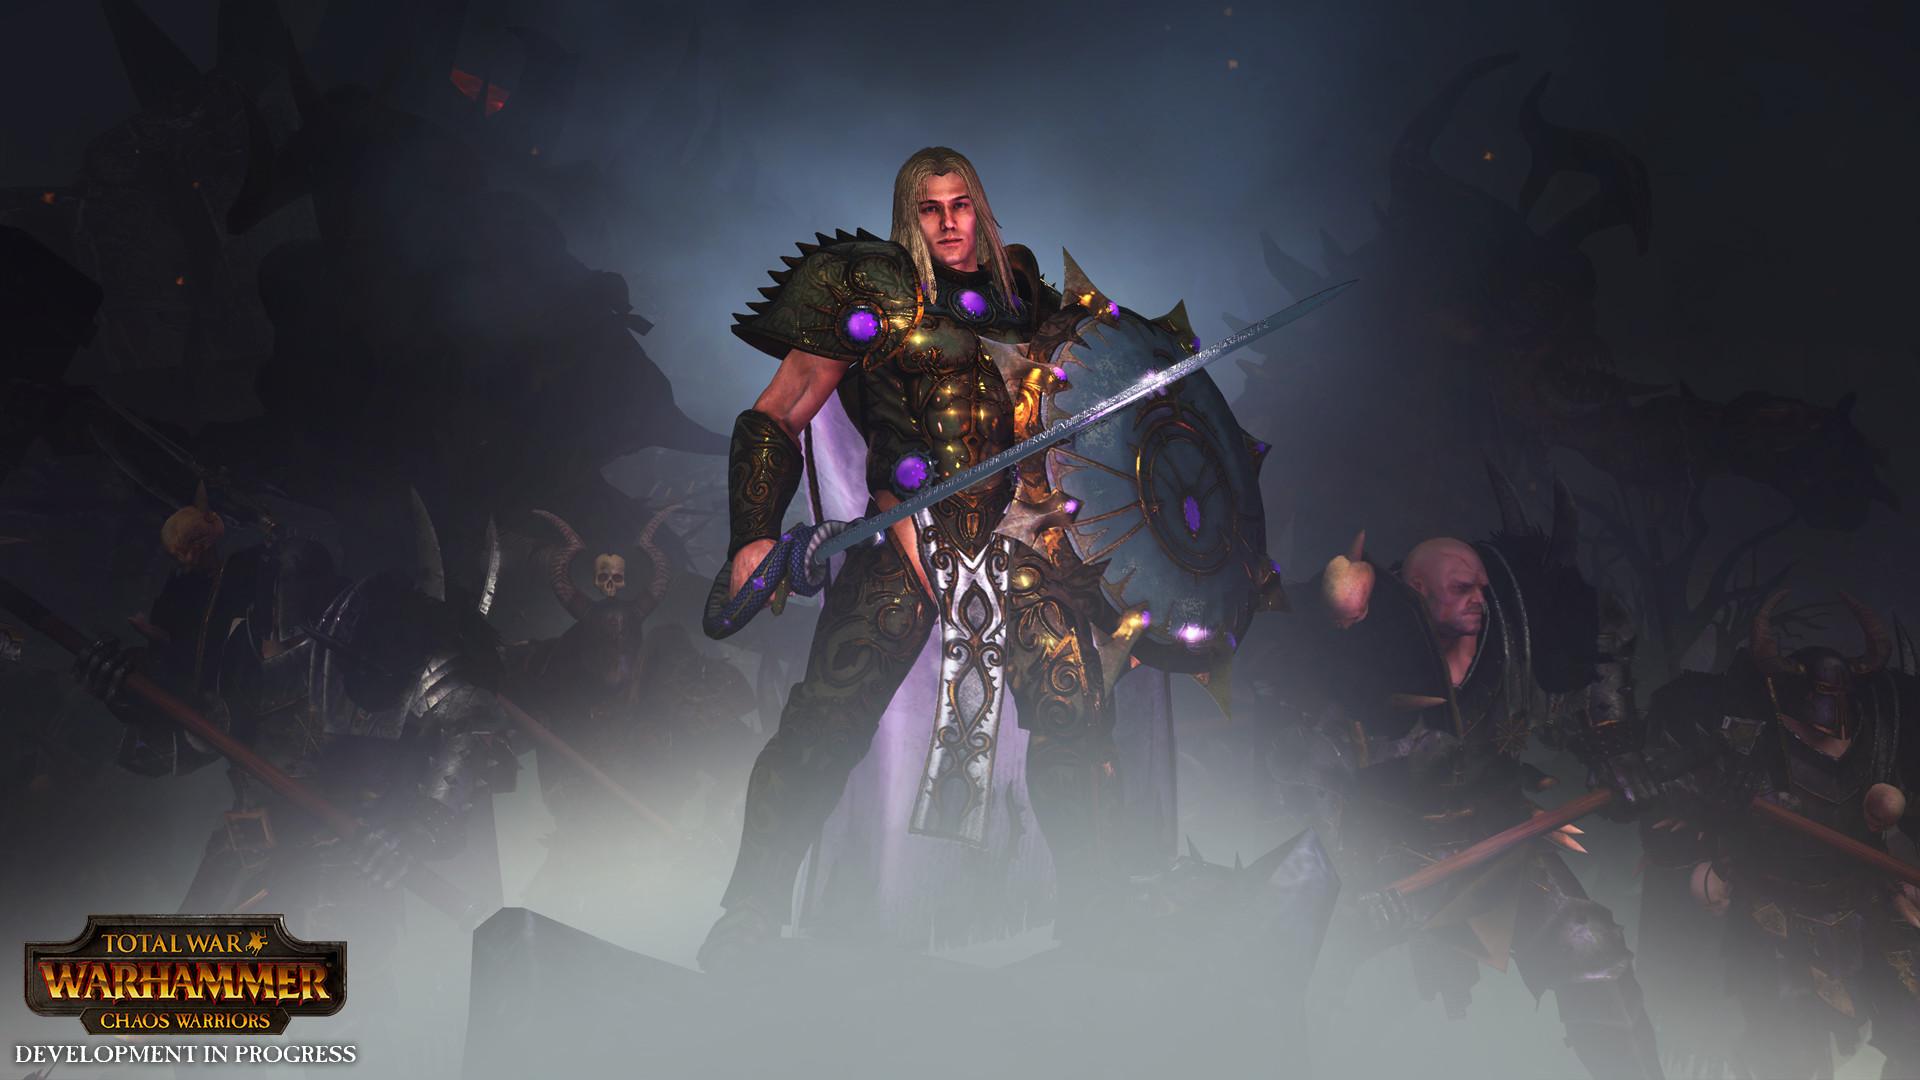 total-war-warhammer-chaos-warriors-race-pack-review-screenshot-1